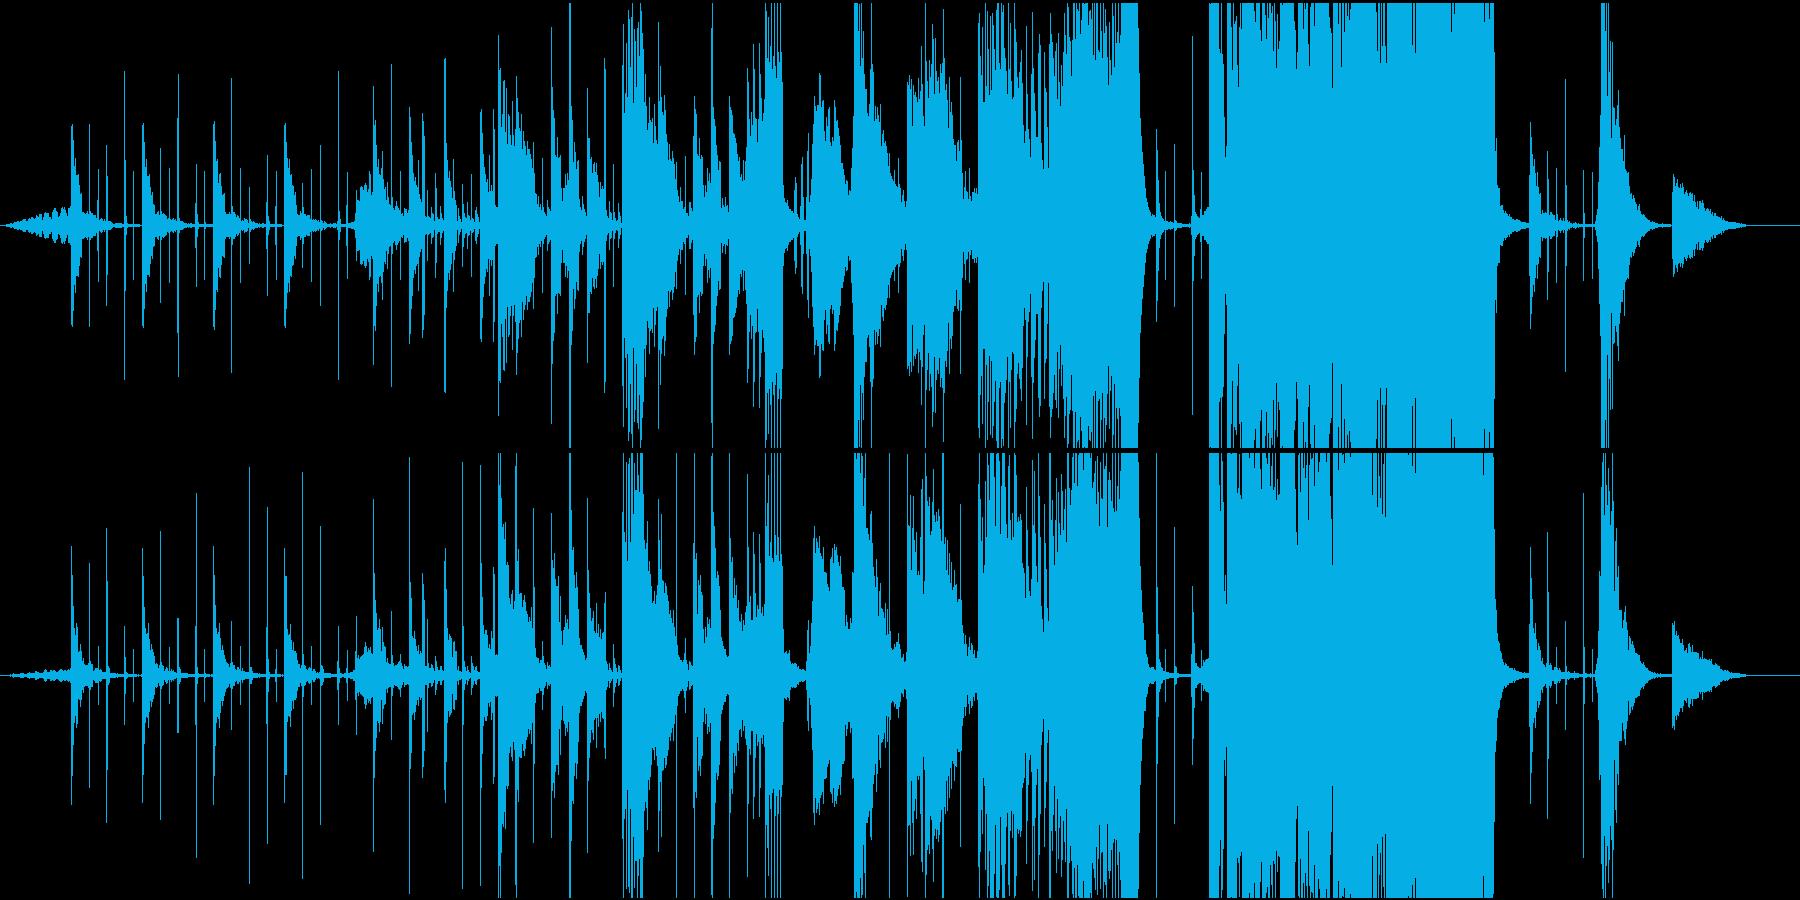 電気音響シンフォニー 実験的 積極...の再生済みの波形